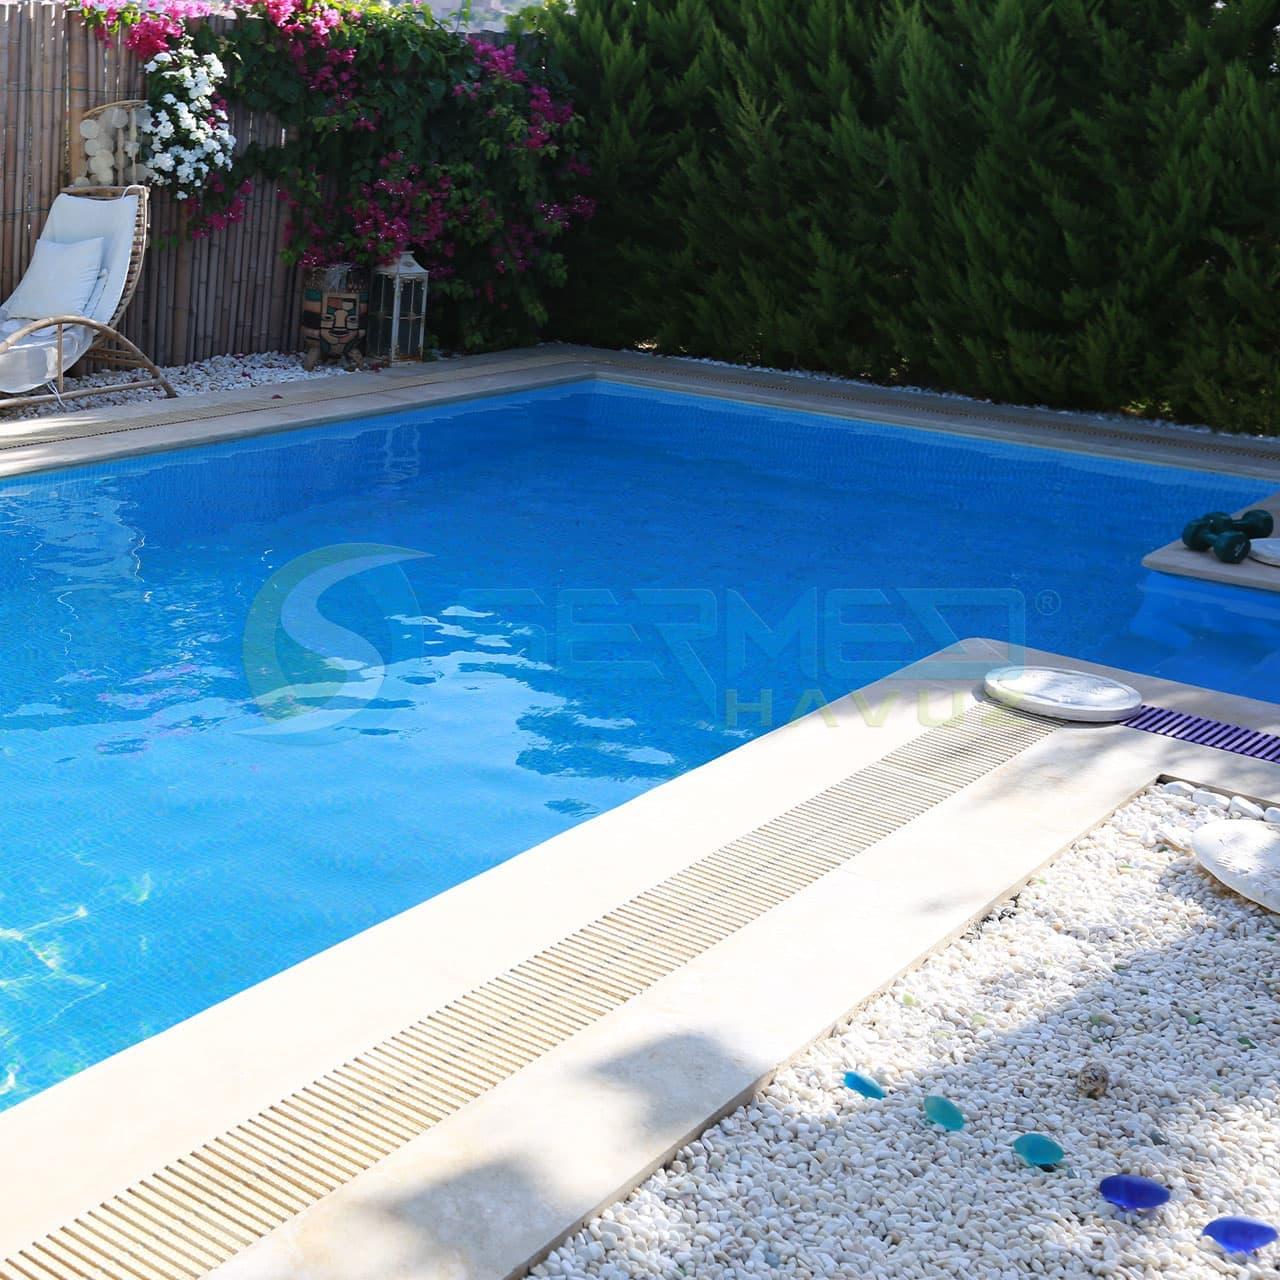 İzmir Fipool Taşmalı Panel Havuz uygulaması Sermed Havuz Firması tarafından yapıldı.